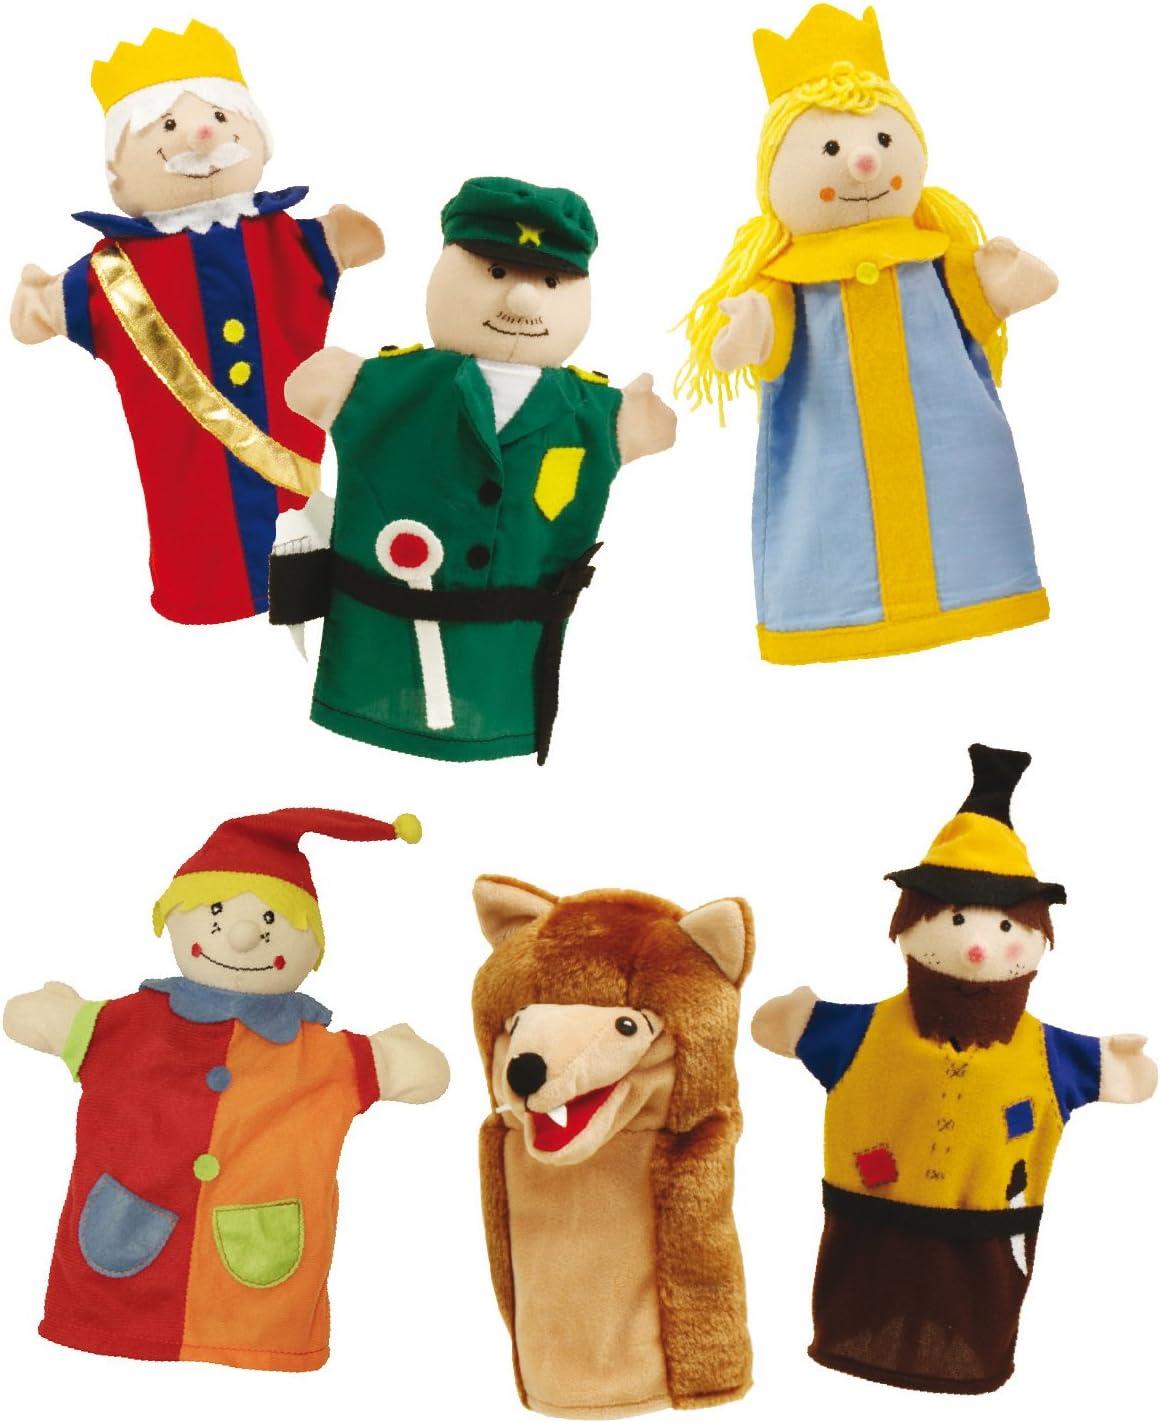 Juego de titeres Roba, figuras de títeres hechas de tela, juego de títeres para manos con 6 personajes, personajes para teatro de guiñol